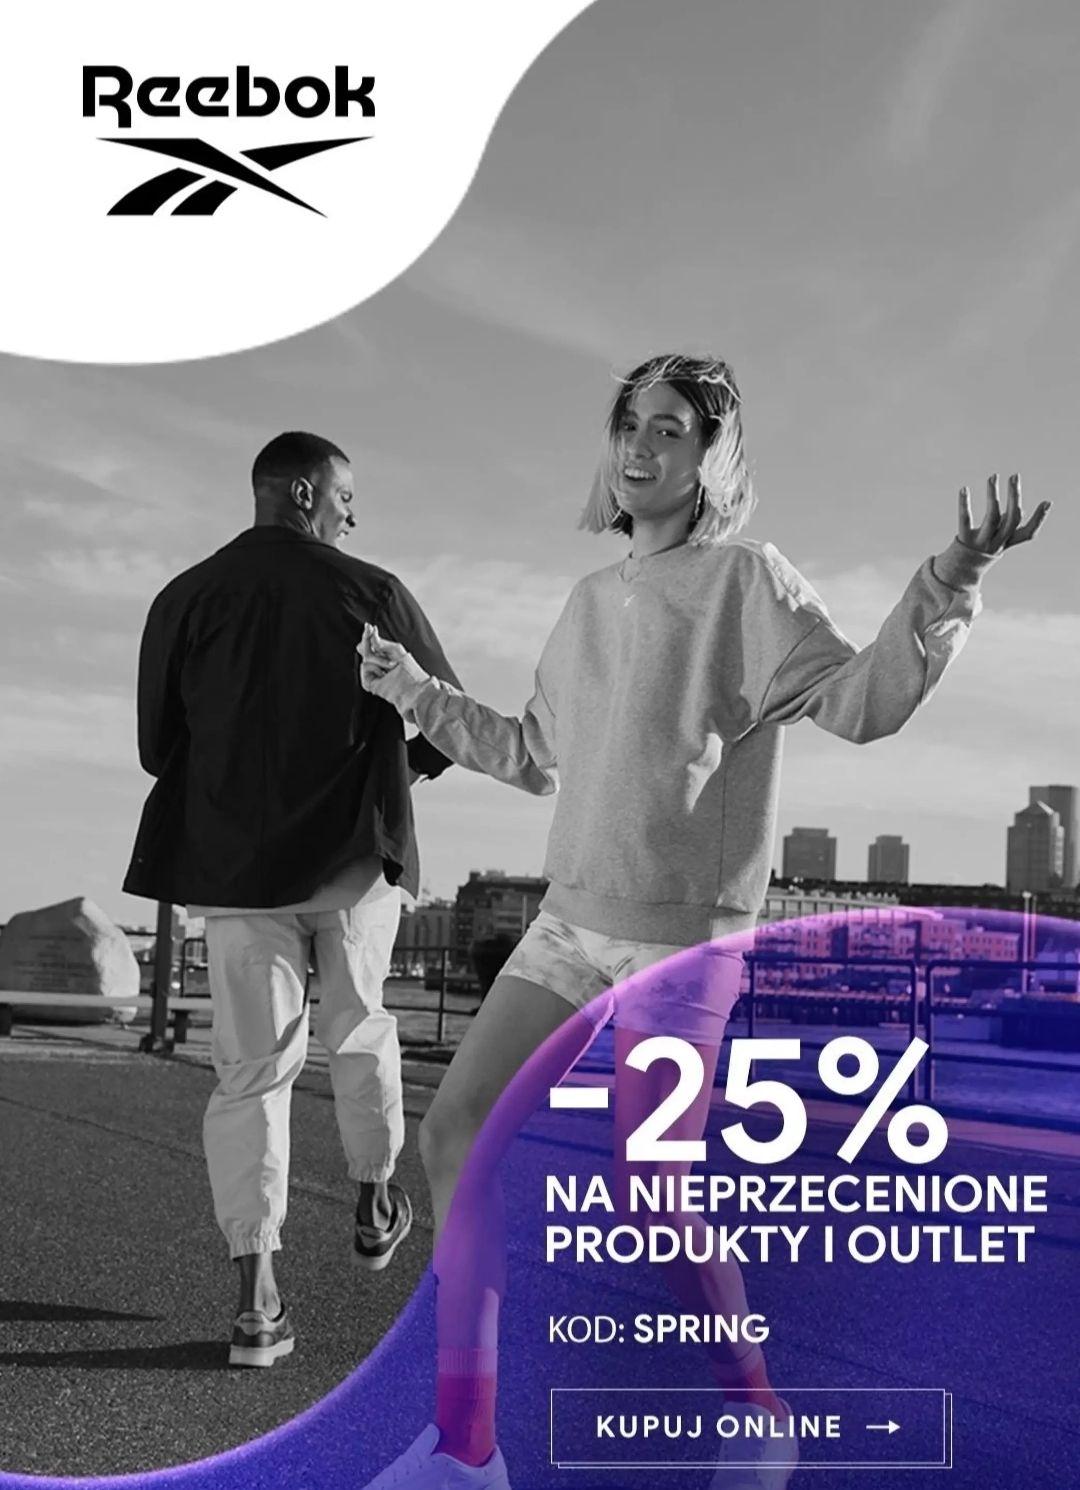 Reebok, -25% na produkty nieprzecenione oraz outlet